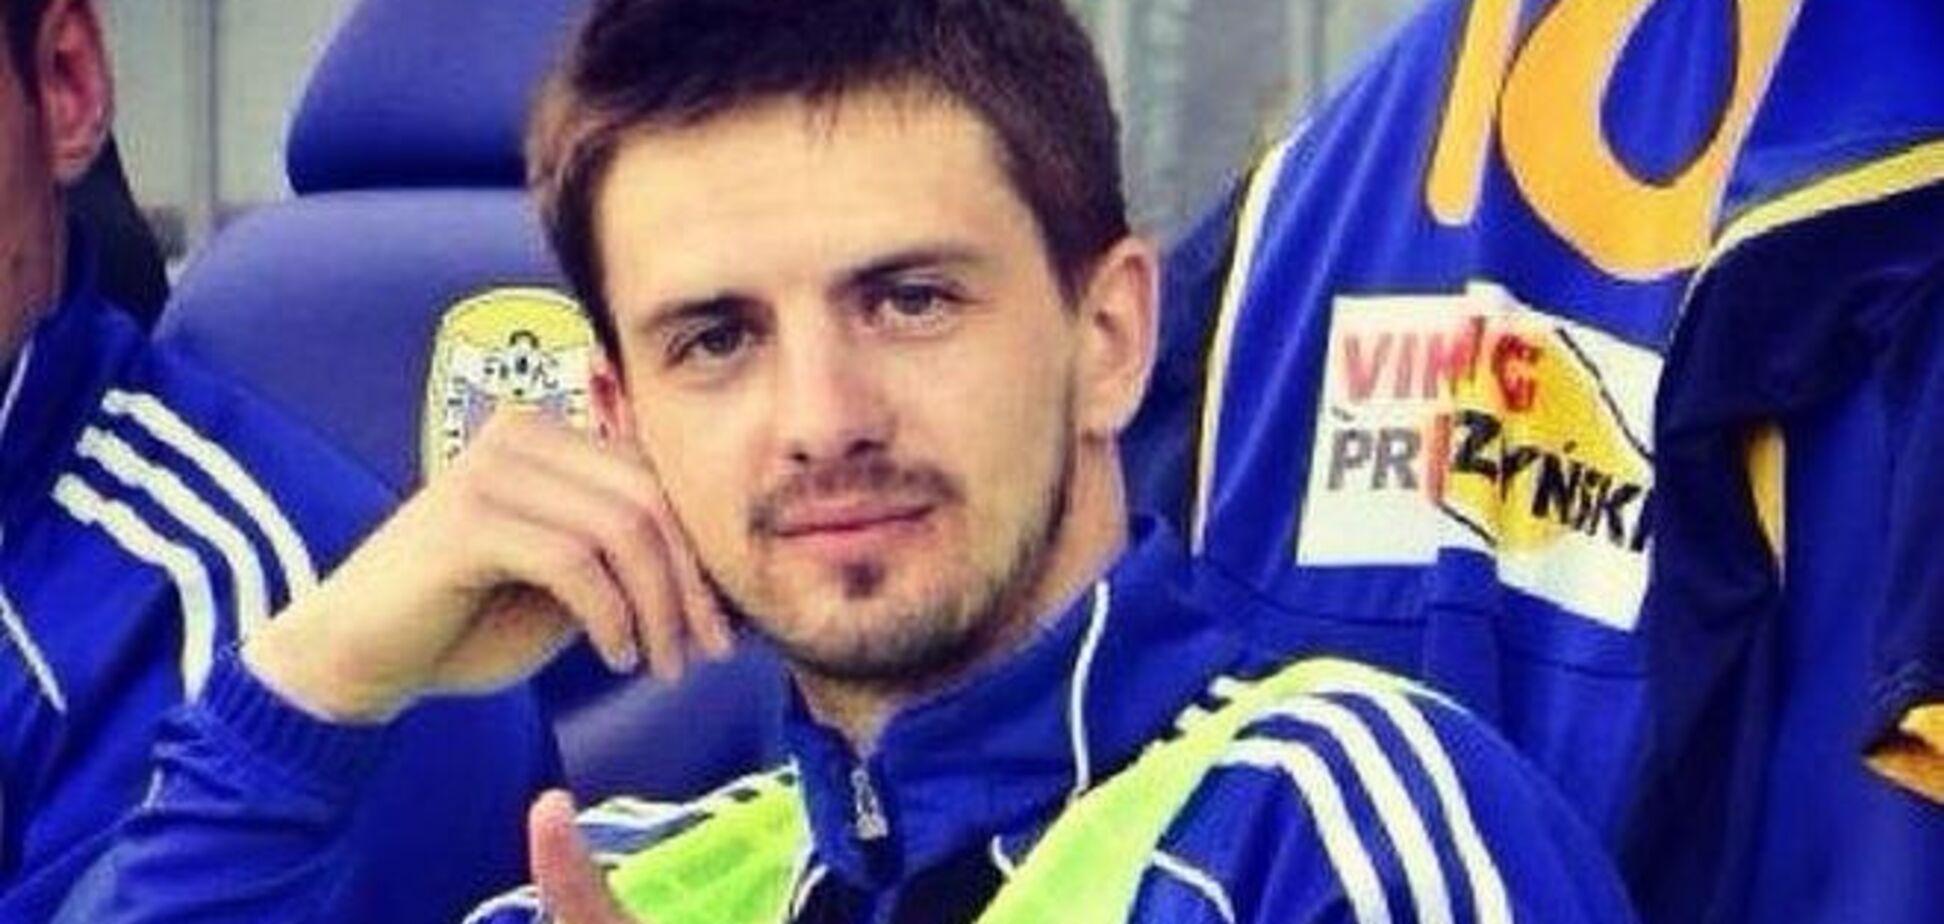 В Крыму с футболистами расплатились лишь под страхом прокуратуры